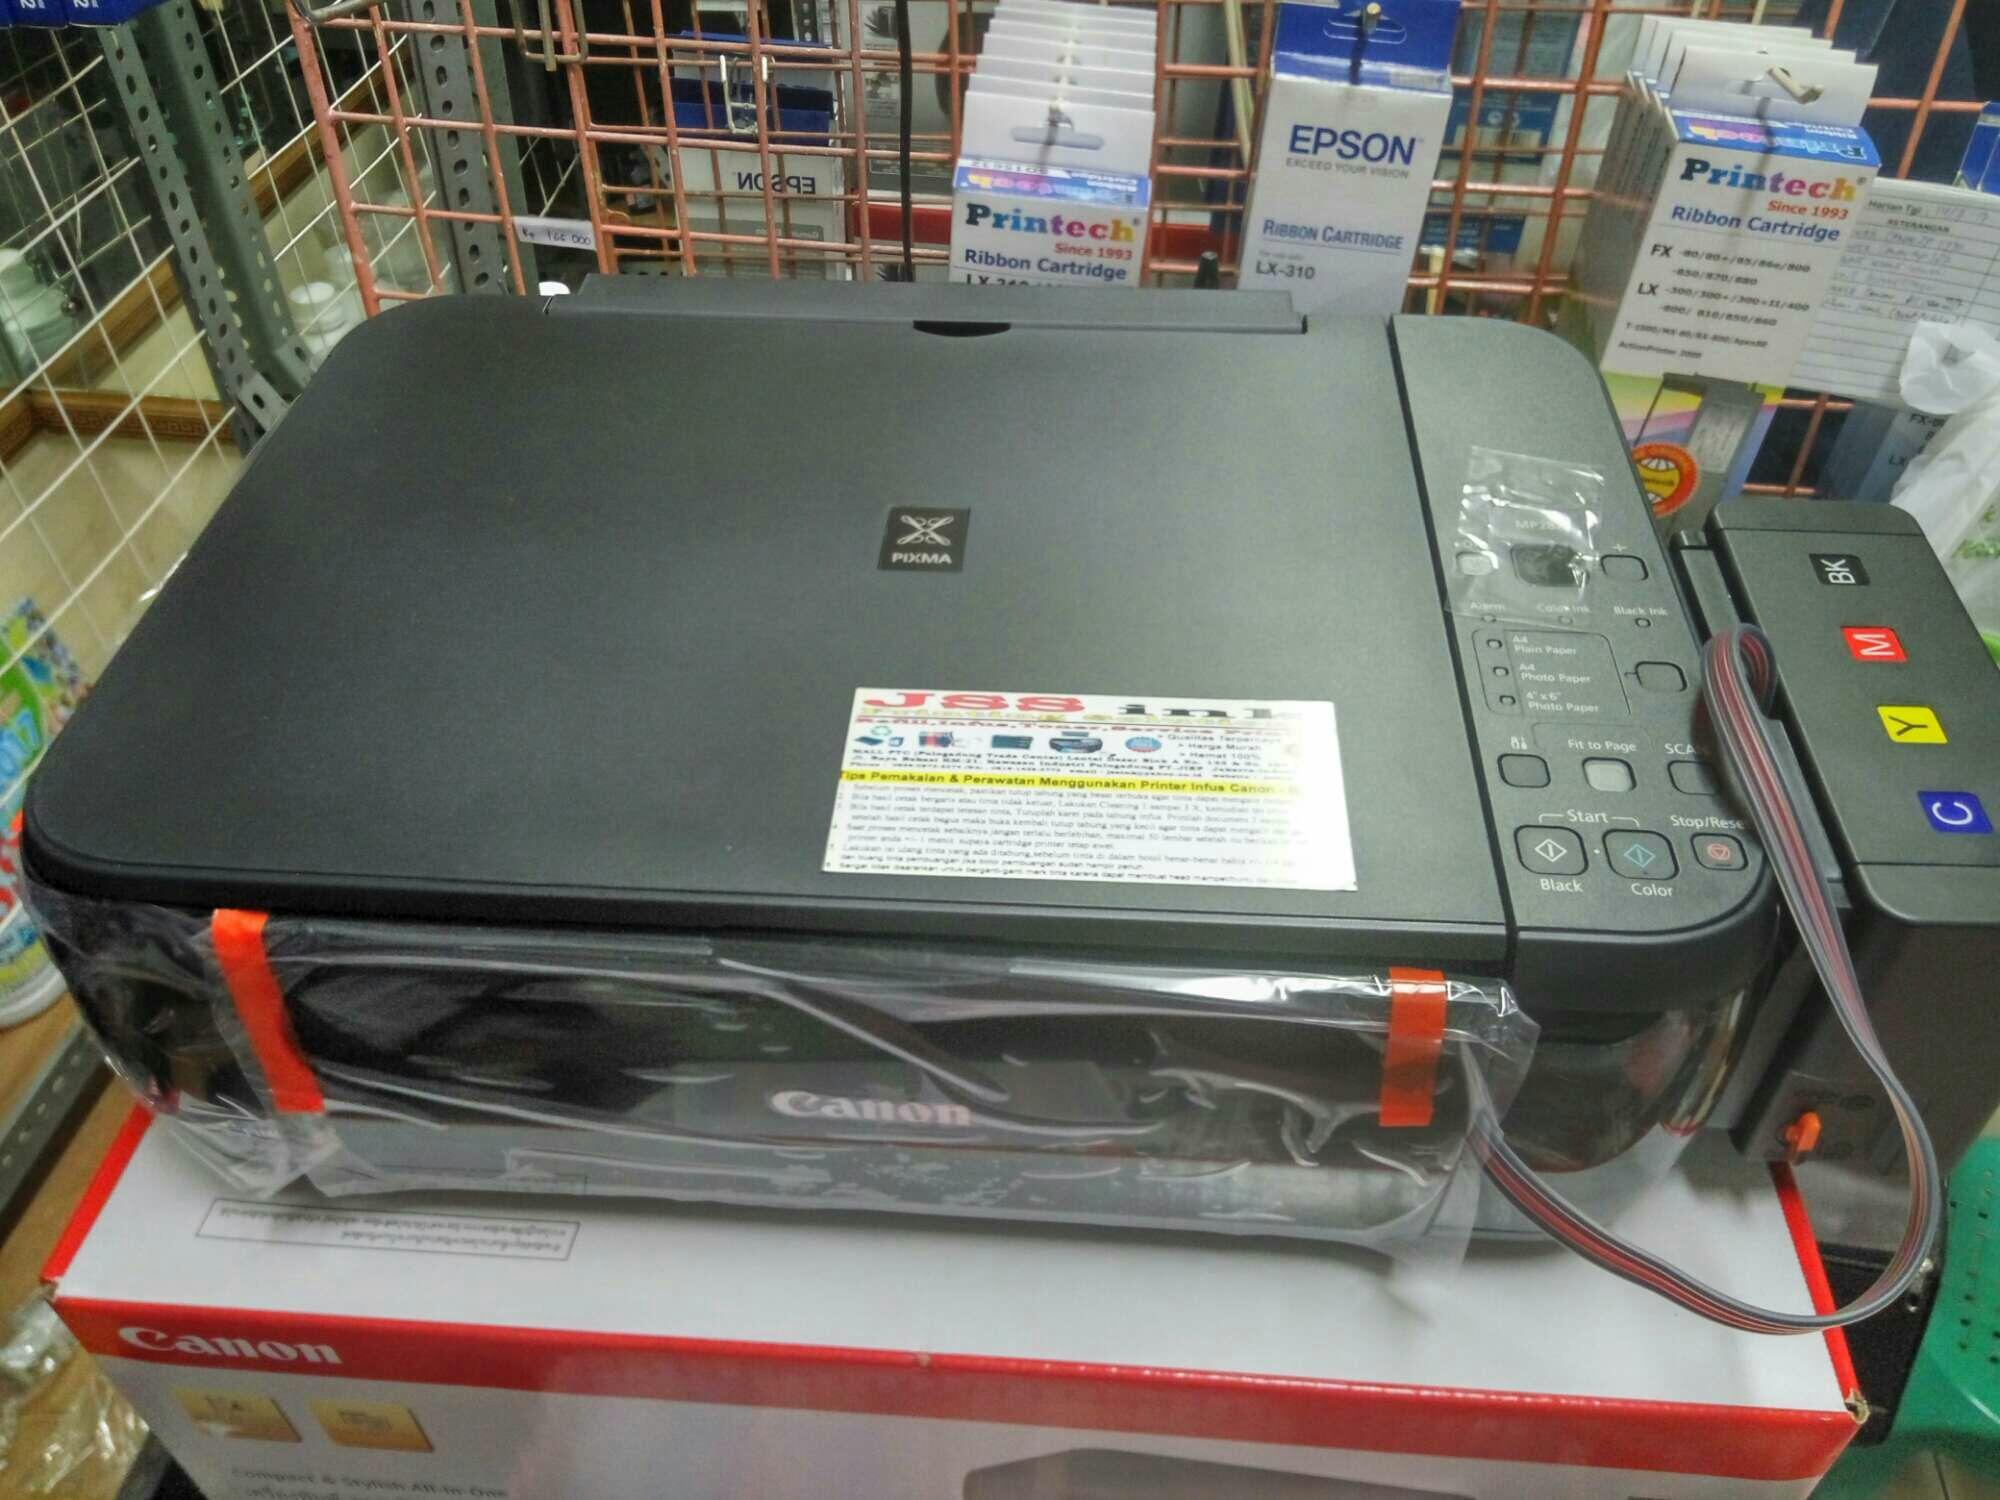 Toko Indonesia Best Buy Kotak 02 09 18 Asus Vivopc Vm42 Bb2957wd 4gb Ddr3 120 Gb Ssd Celeron 2957u 1thn Garansi Dos Img